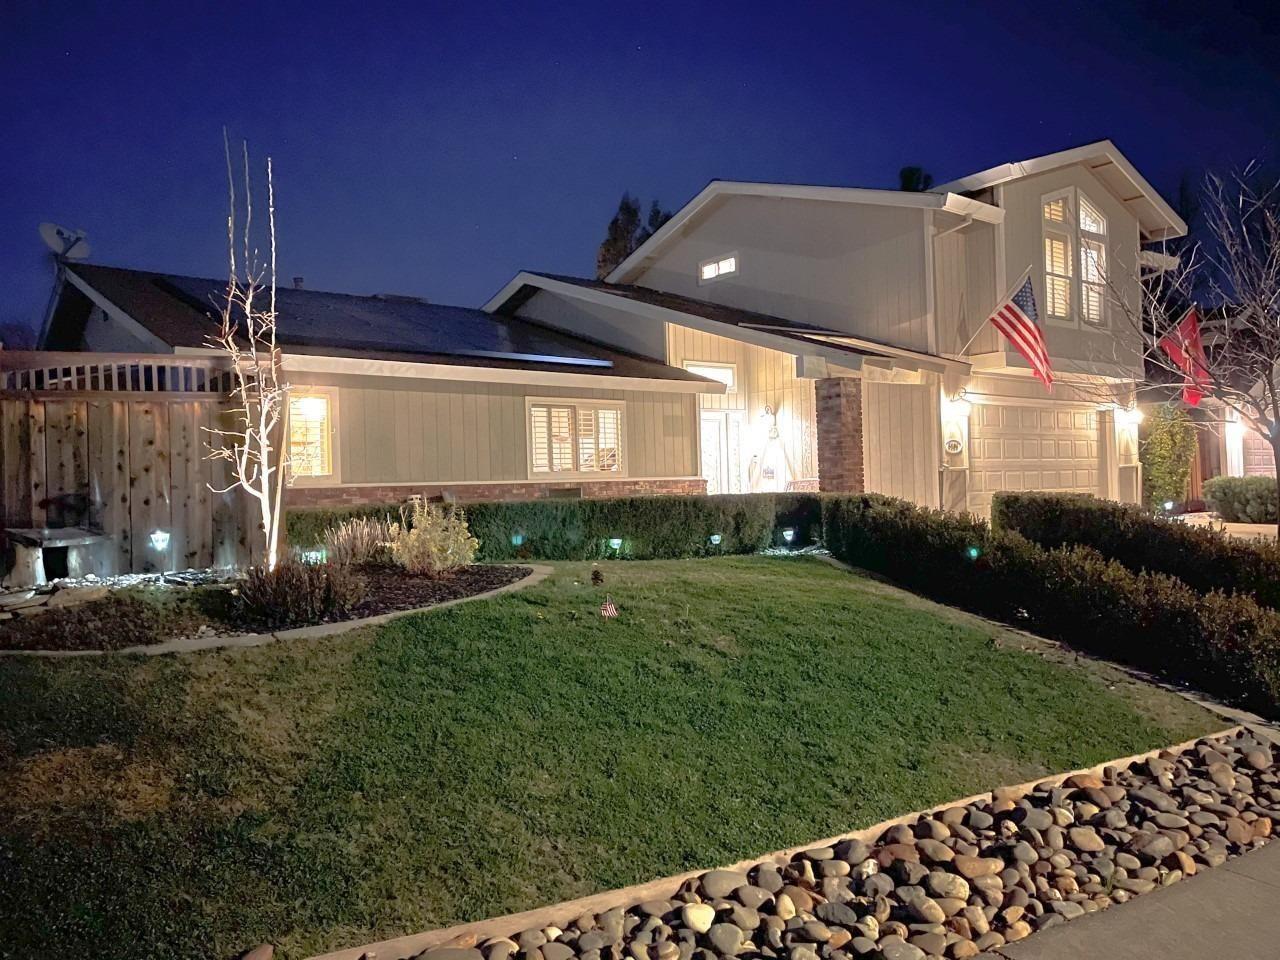 Photo of 5106 Vista Del Oro Way, Fair Oaks, CA 95628 (MLS # 221003195)